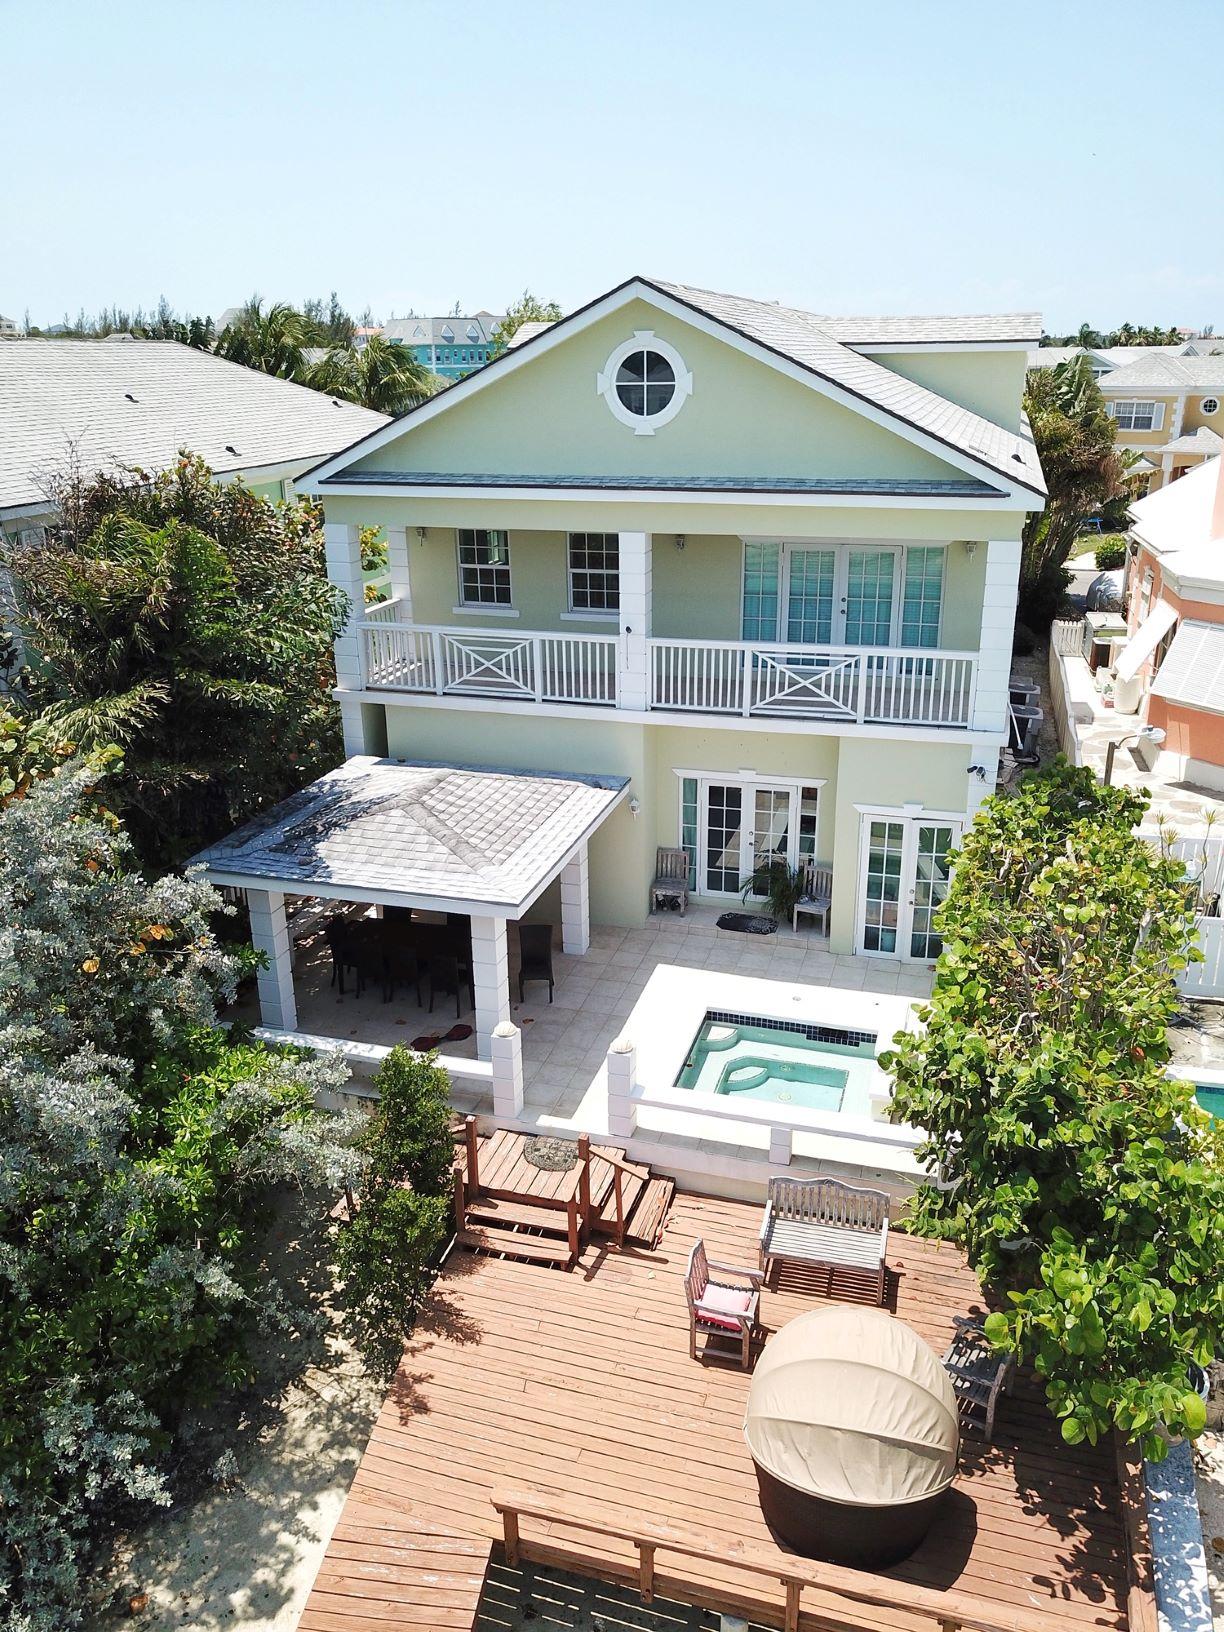 #20 Kingfisher Island, Sandyport Drive